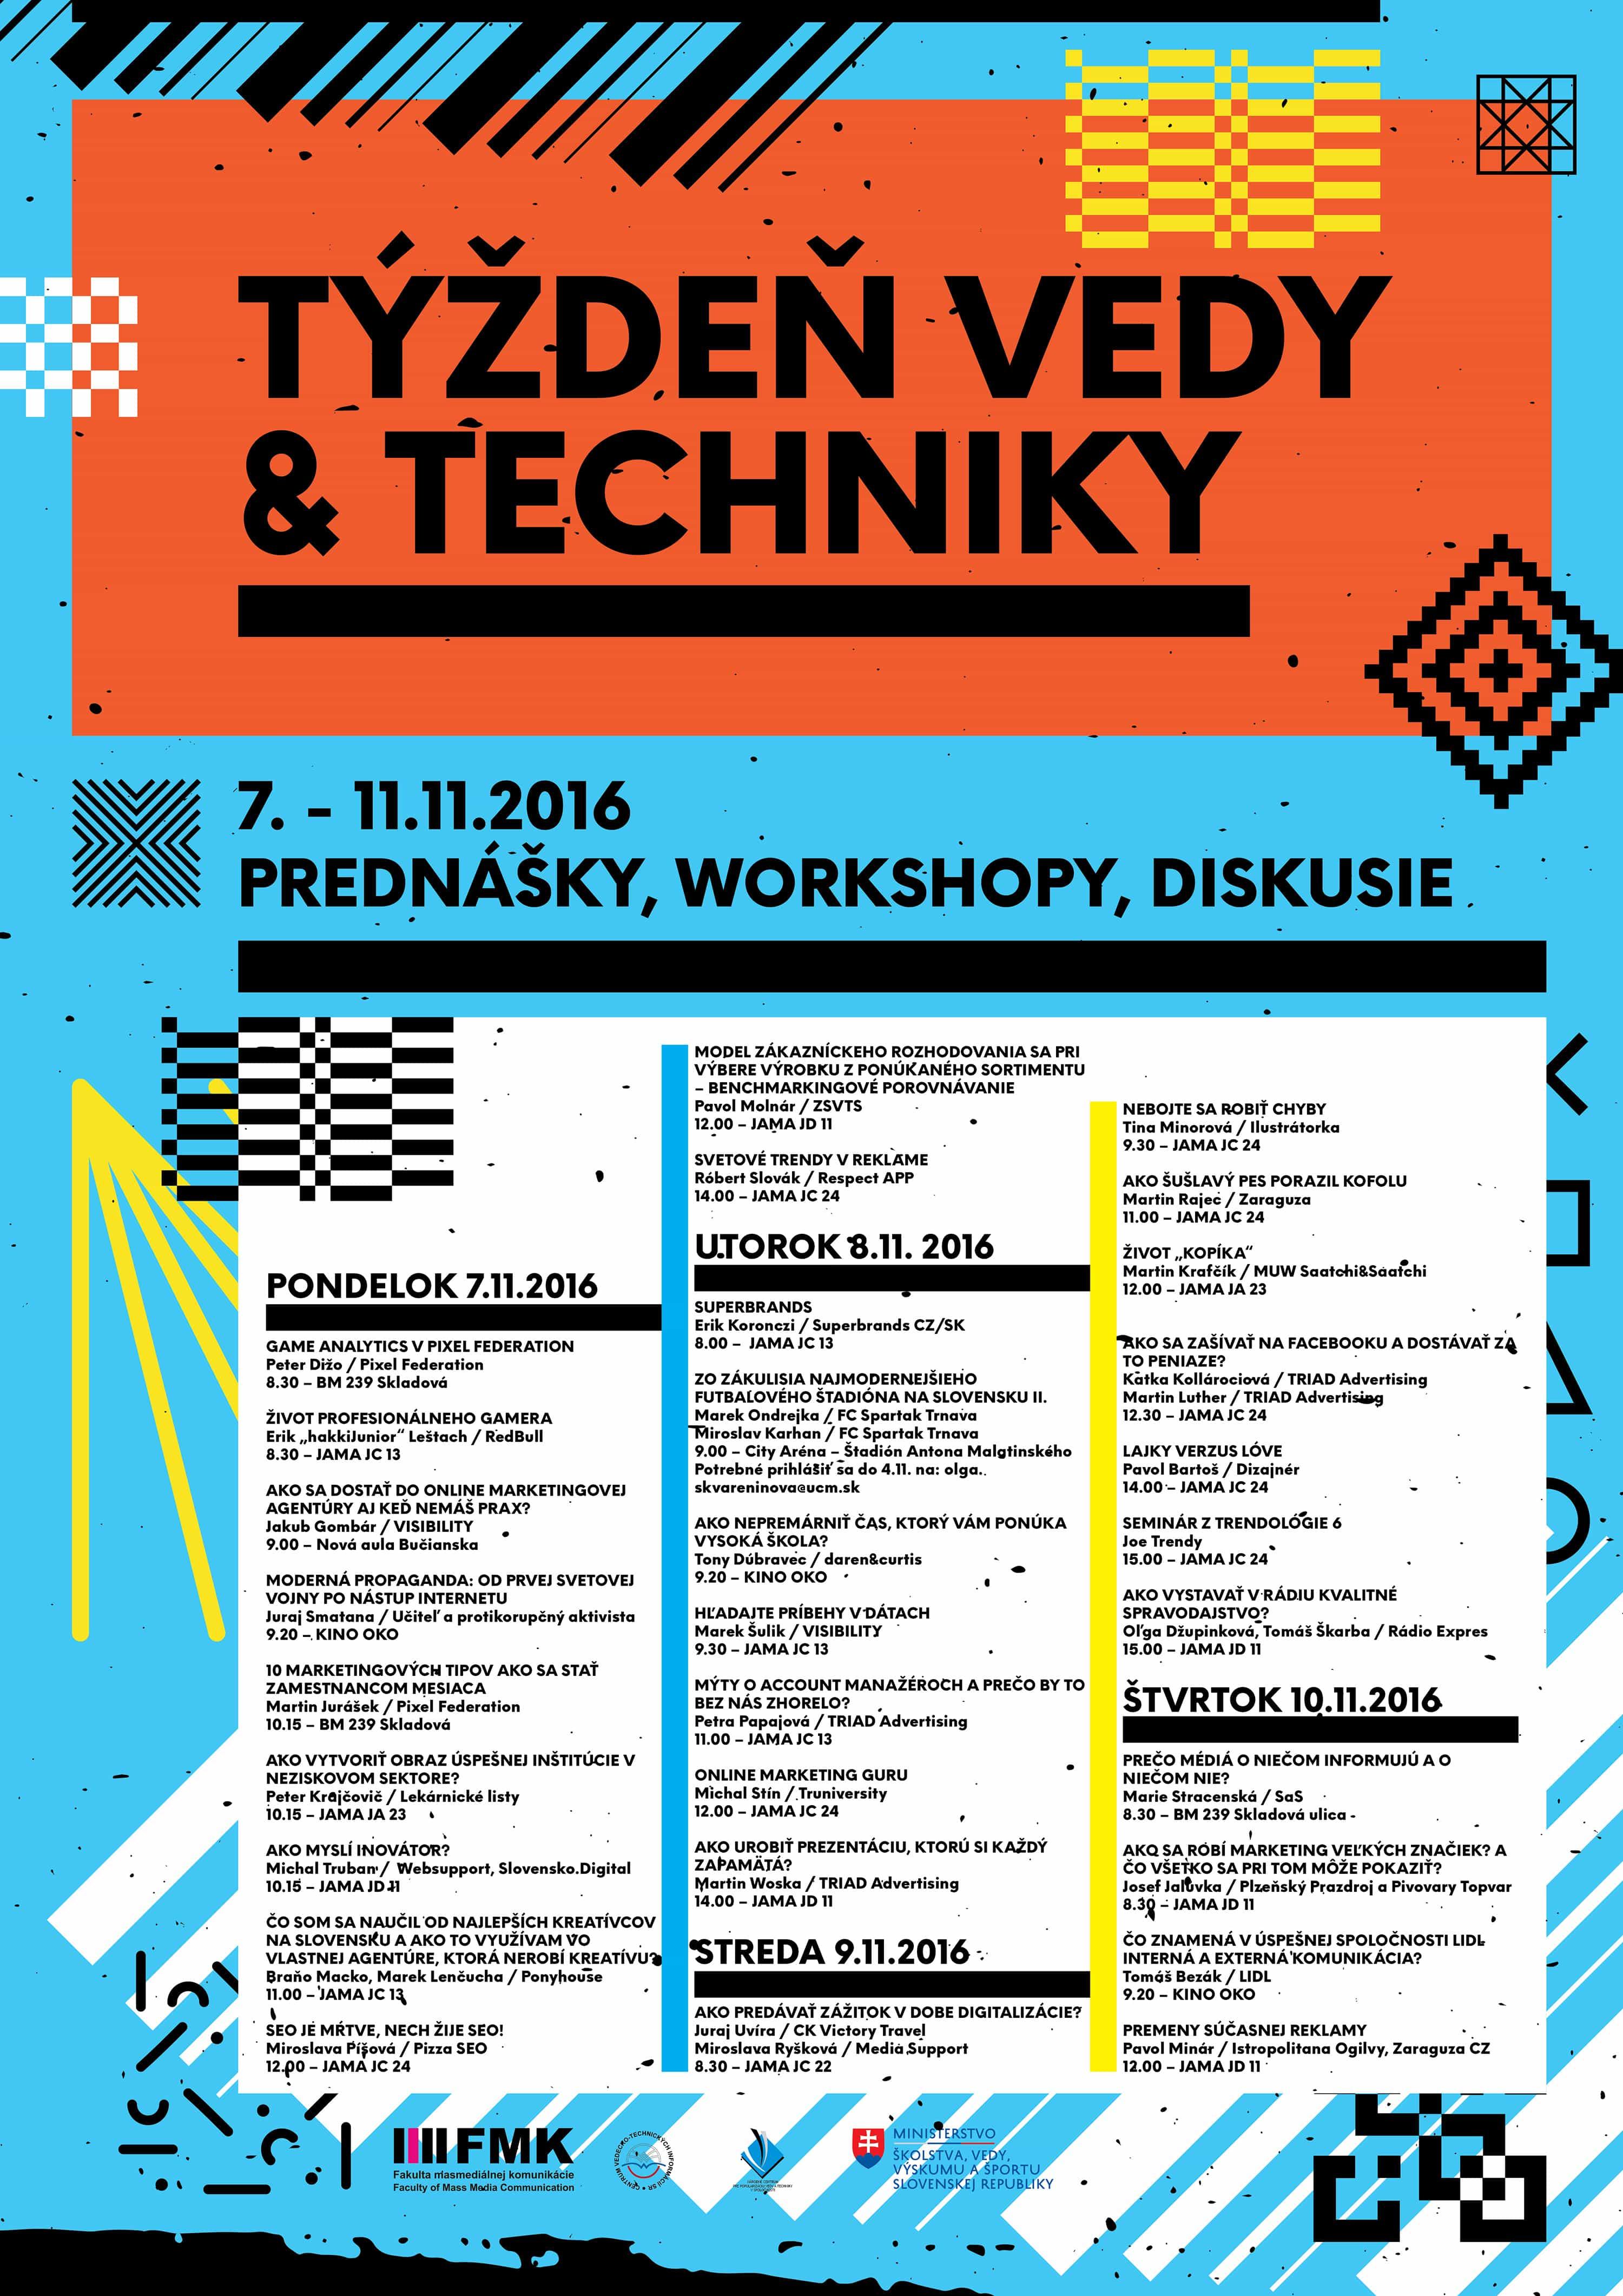 Týždeň vedy a techniky 2016 - program